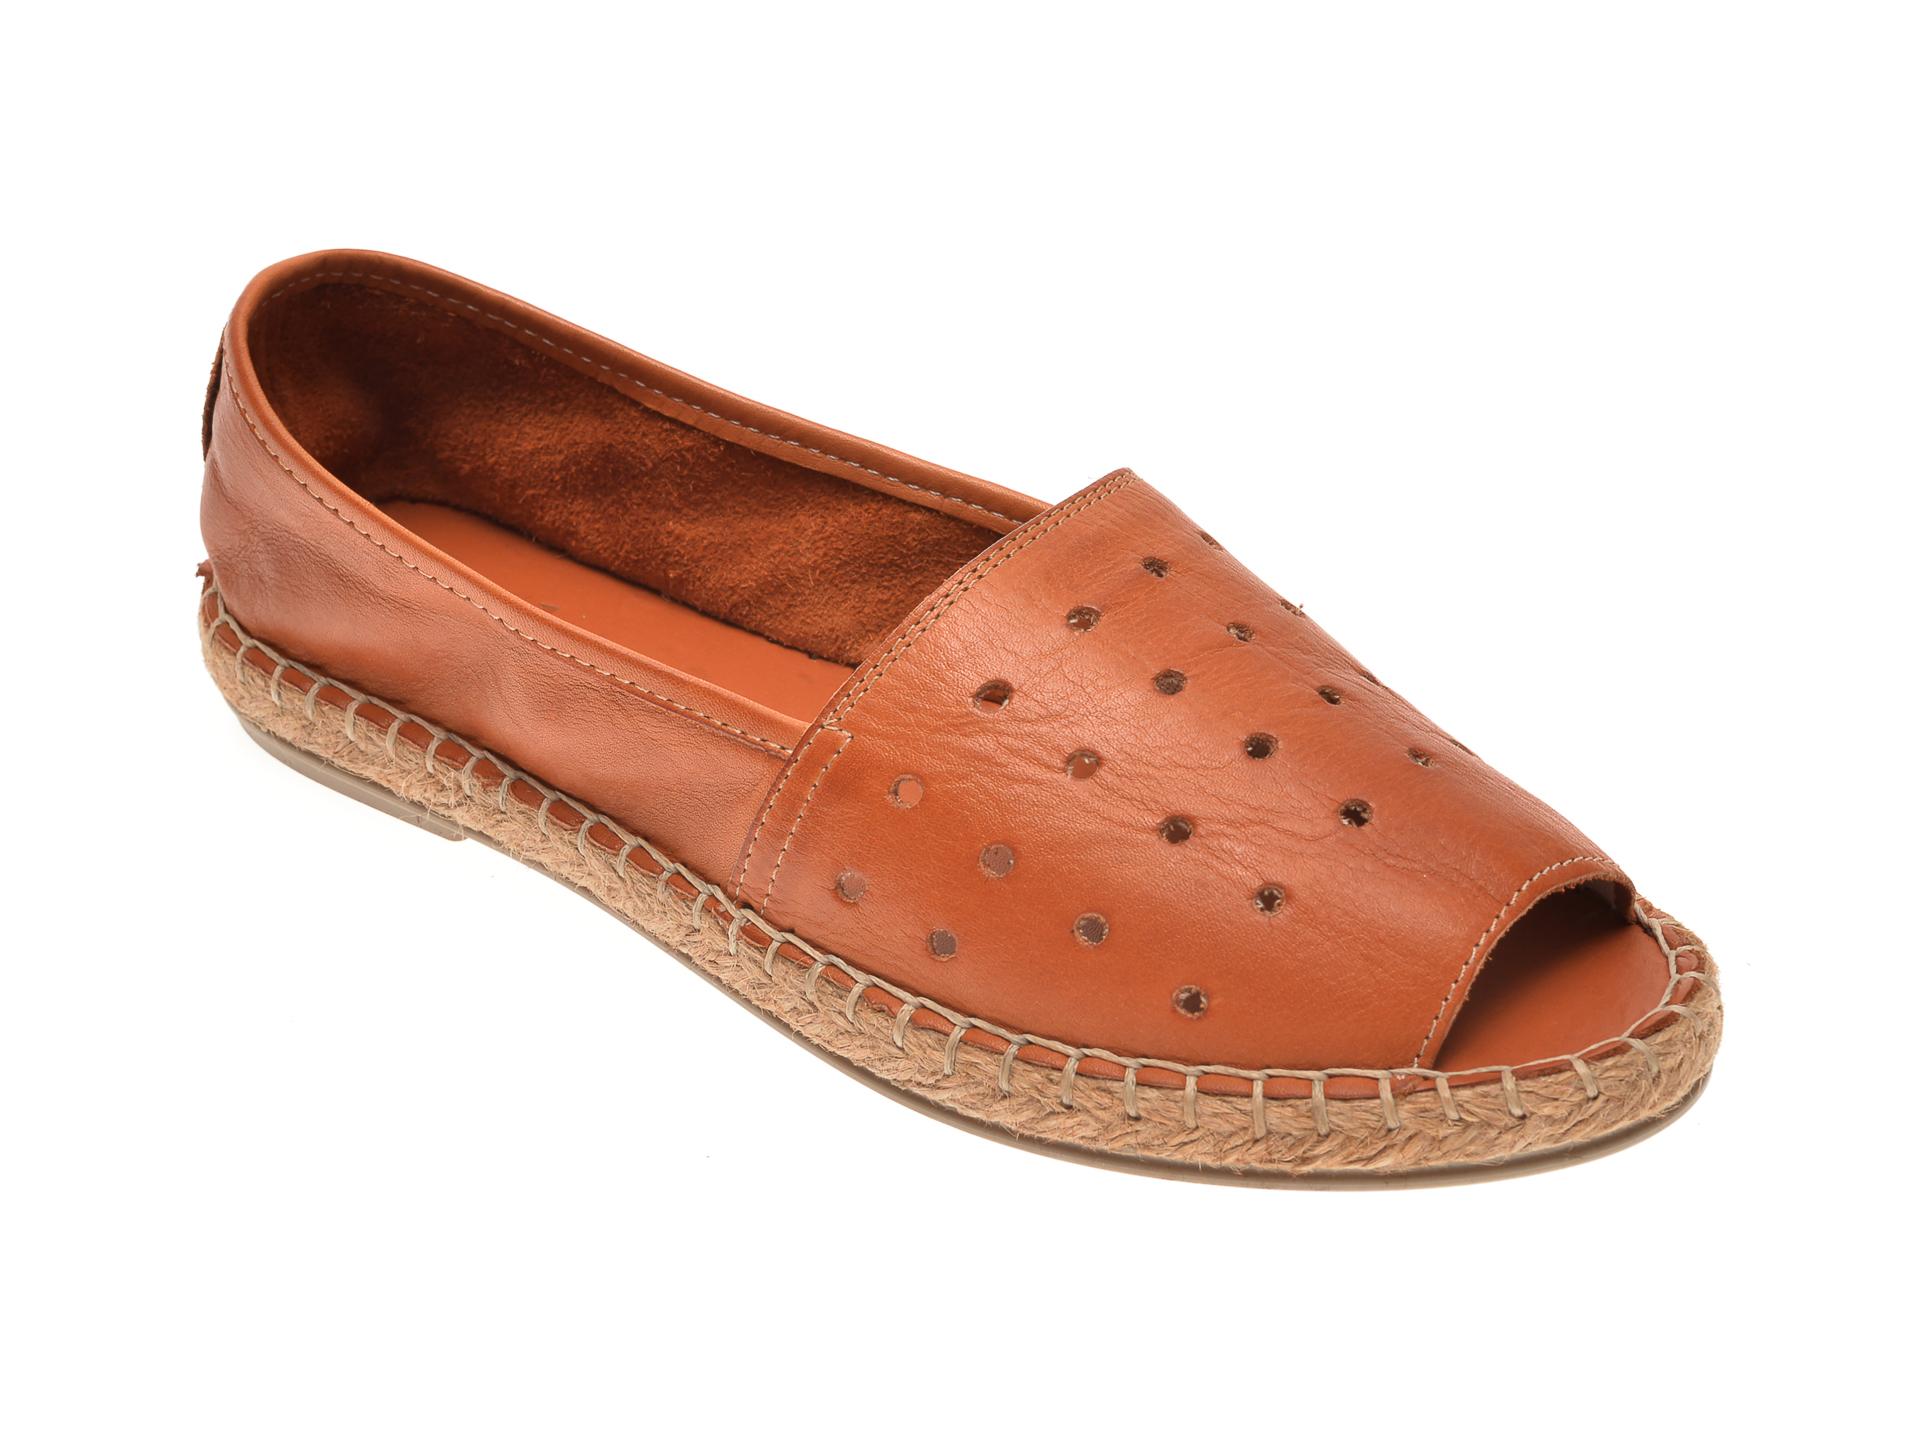 Pantofi MESSIMODA maro, 18Y1155, din piele naturala New